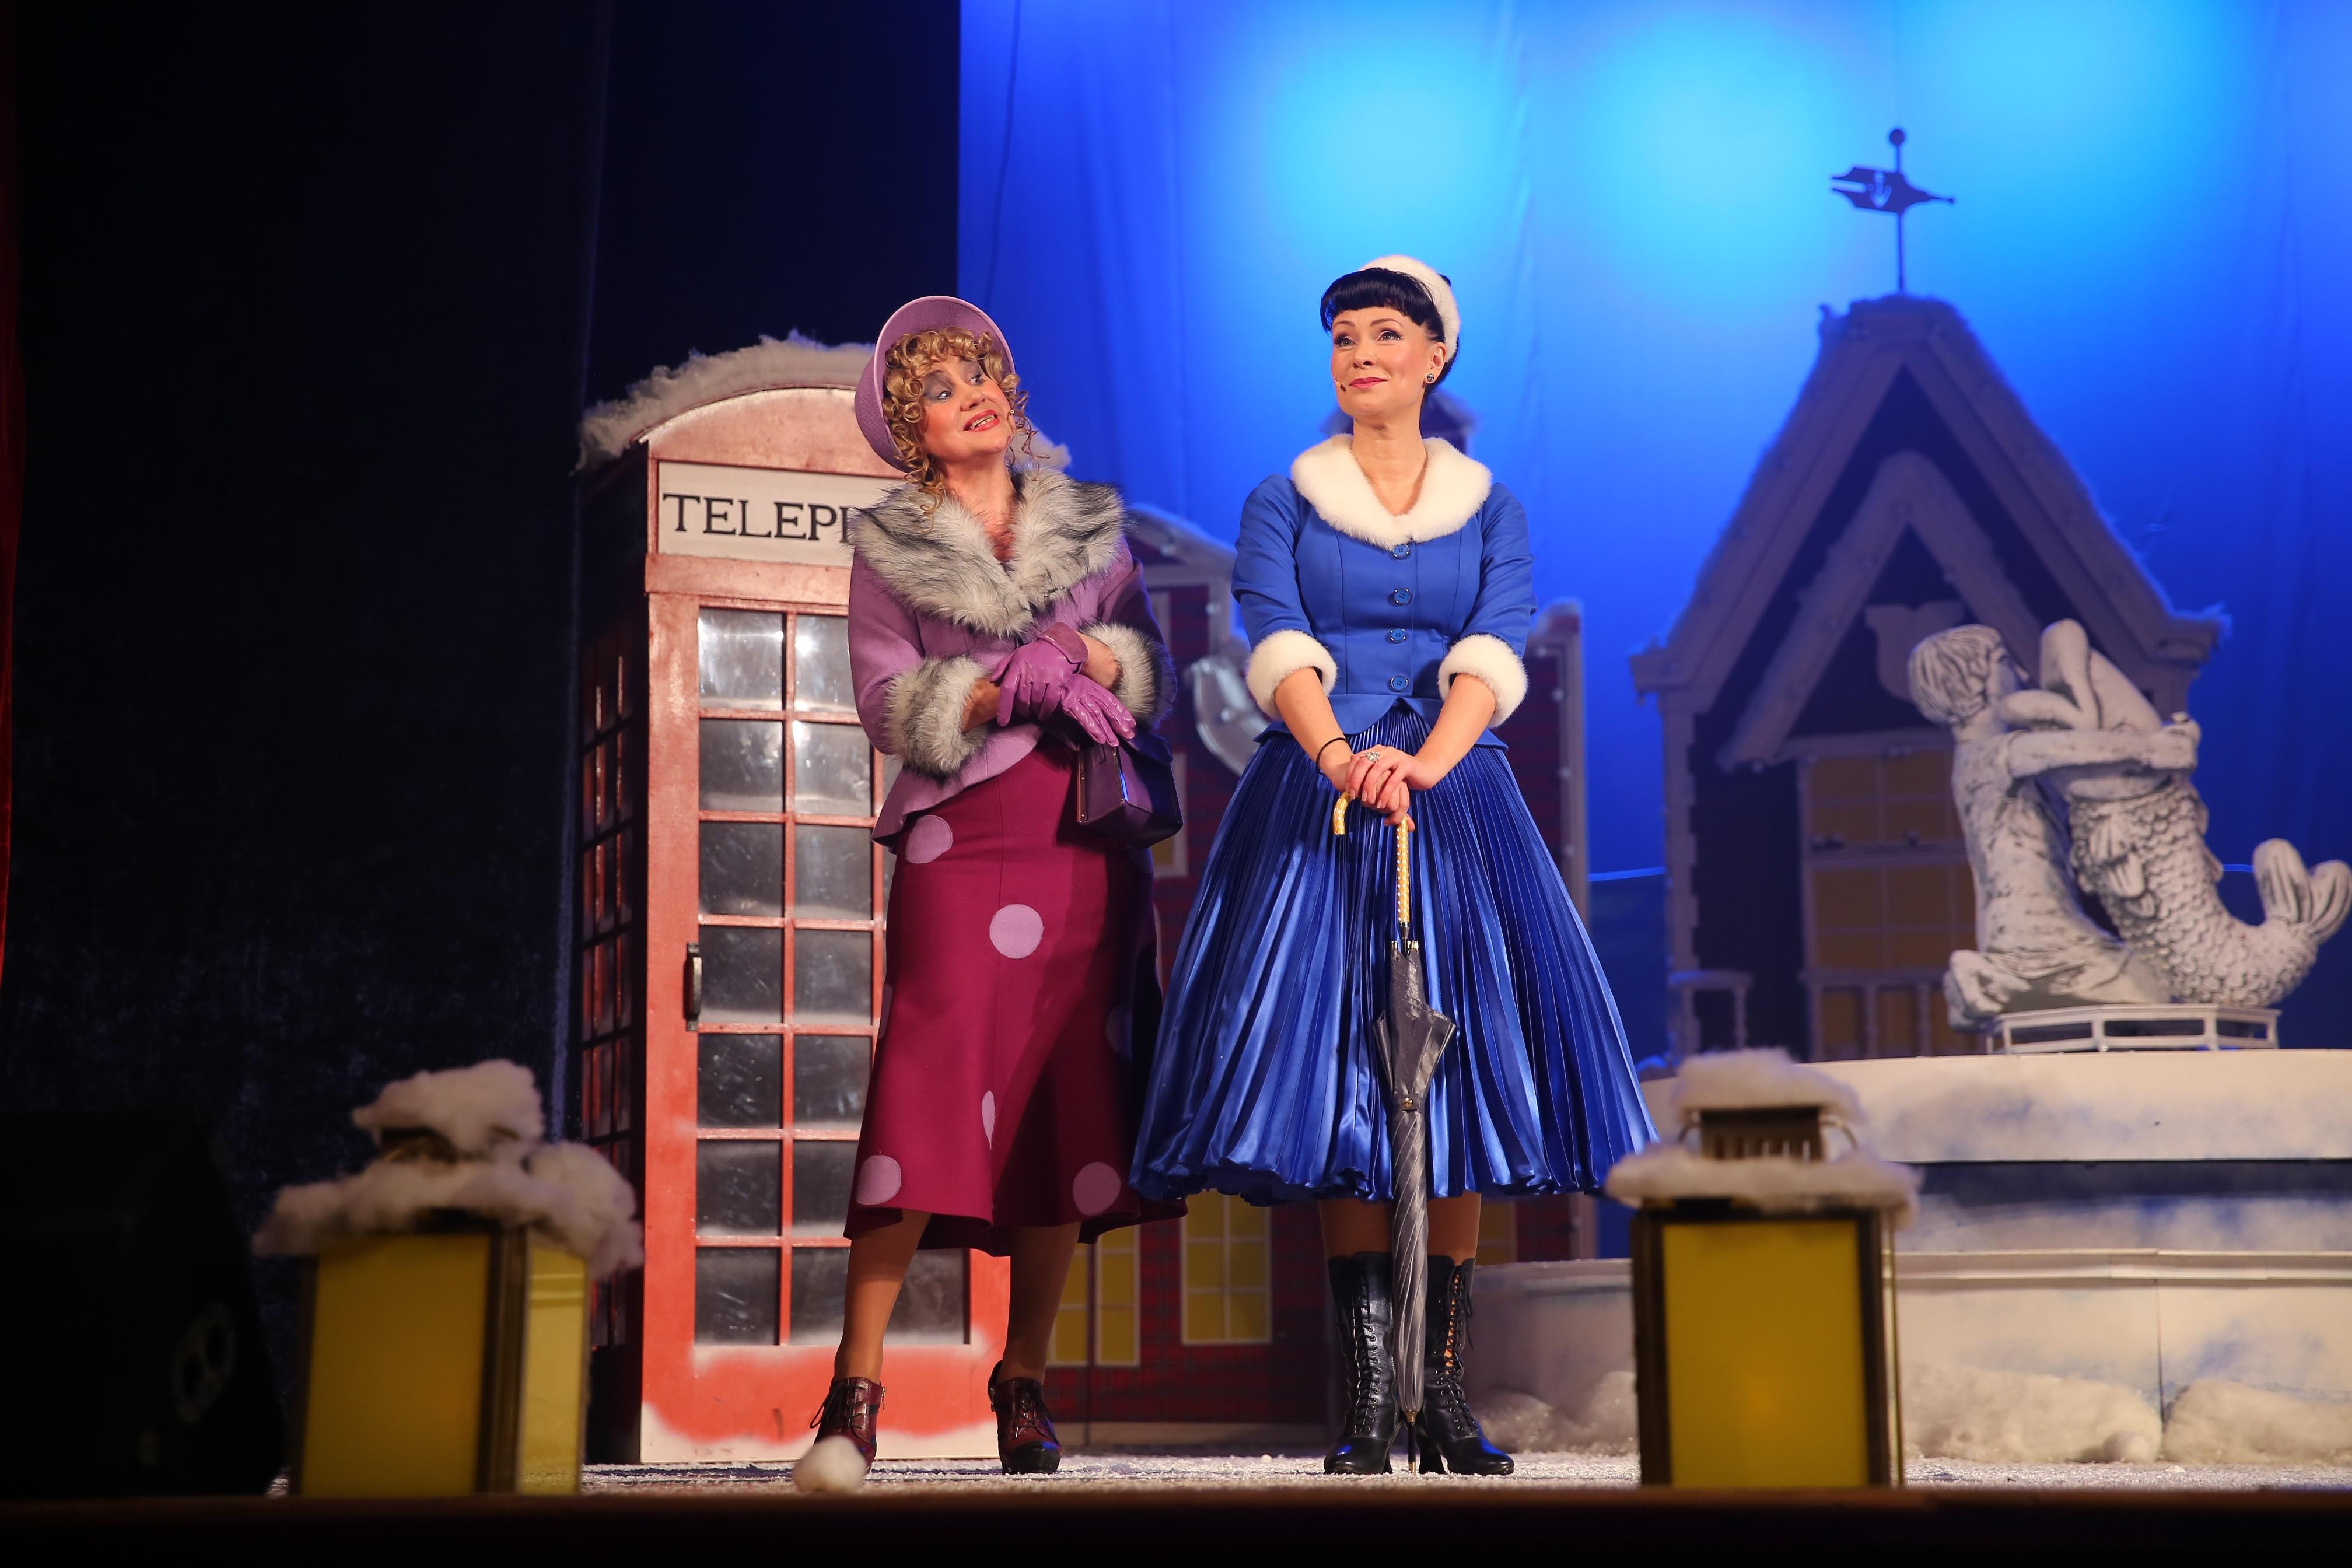 Мэри поппинс спектакль с нонной гришаевой купить билеты билеты в театр горького ростова на дону